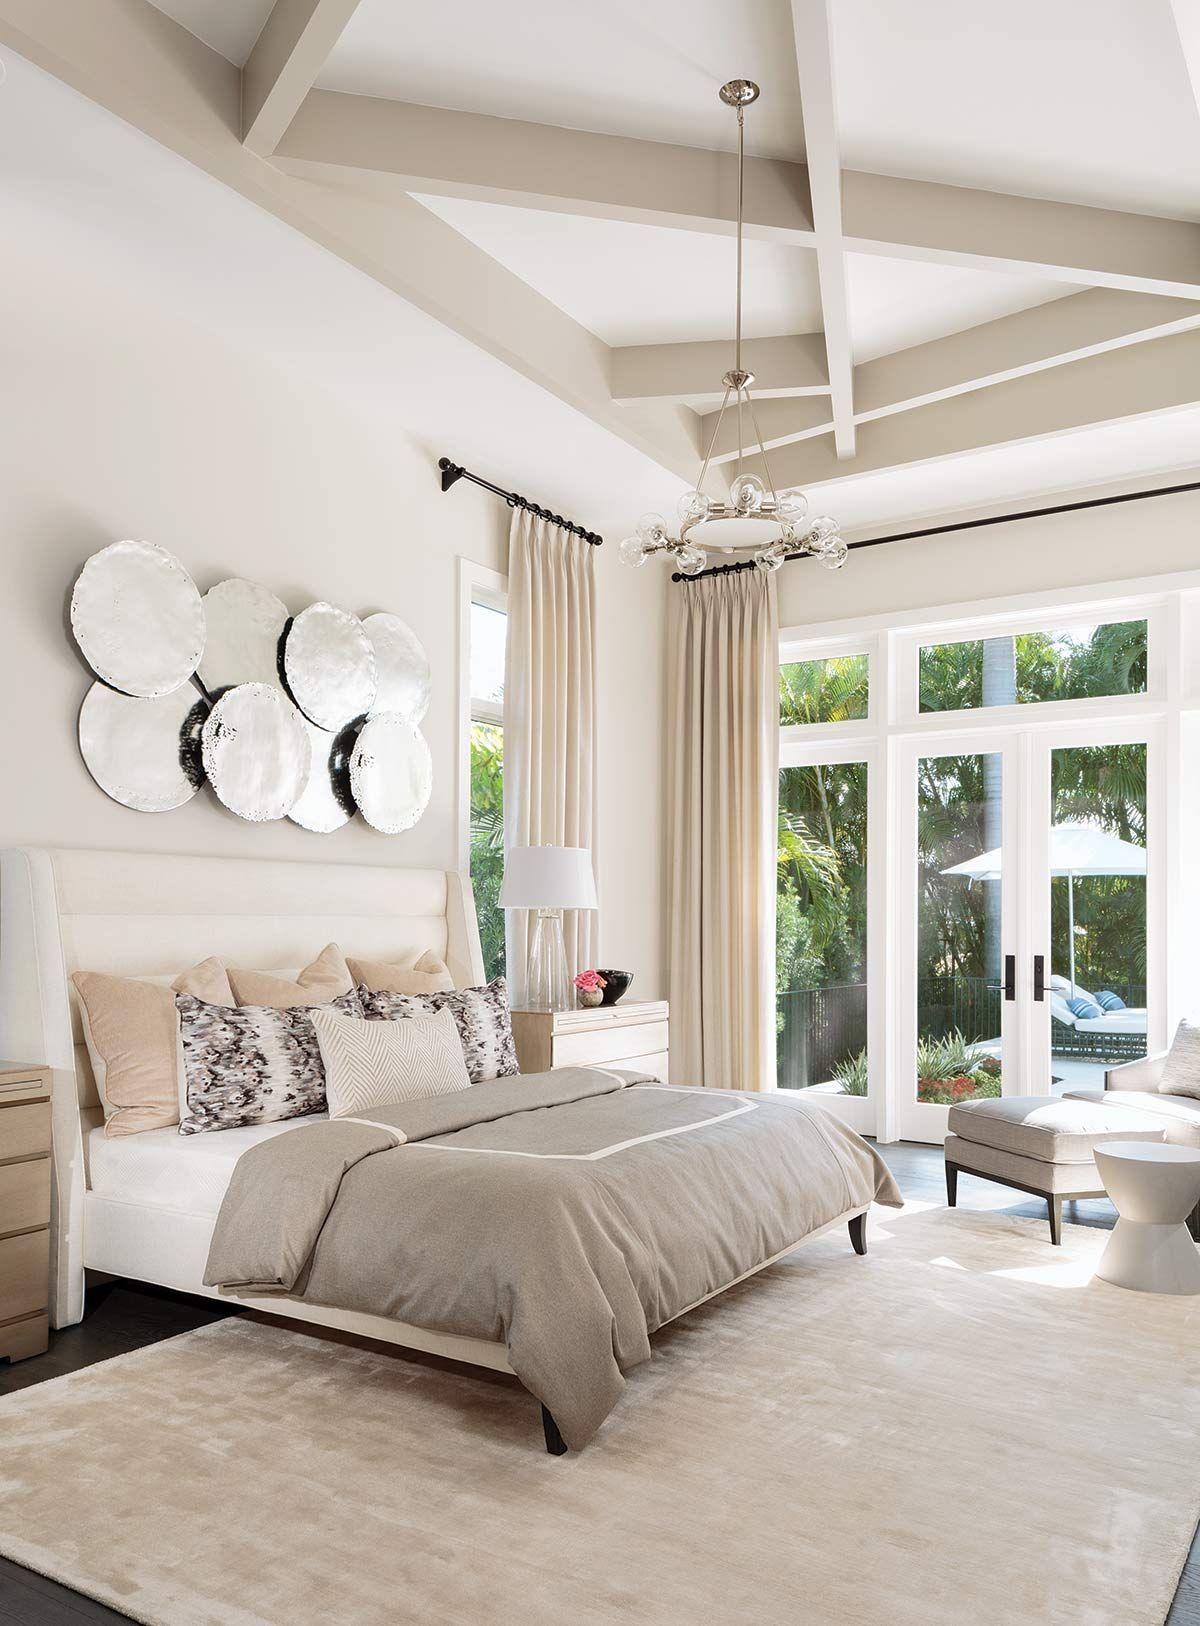 A Timeless Contemporary Interior Cozy Room Interior Design Work